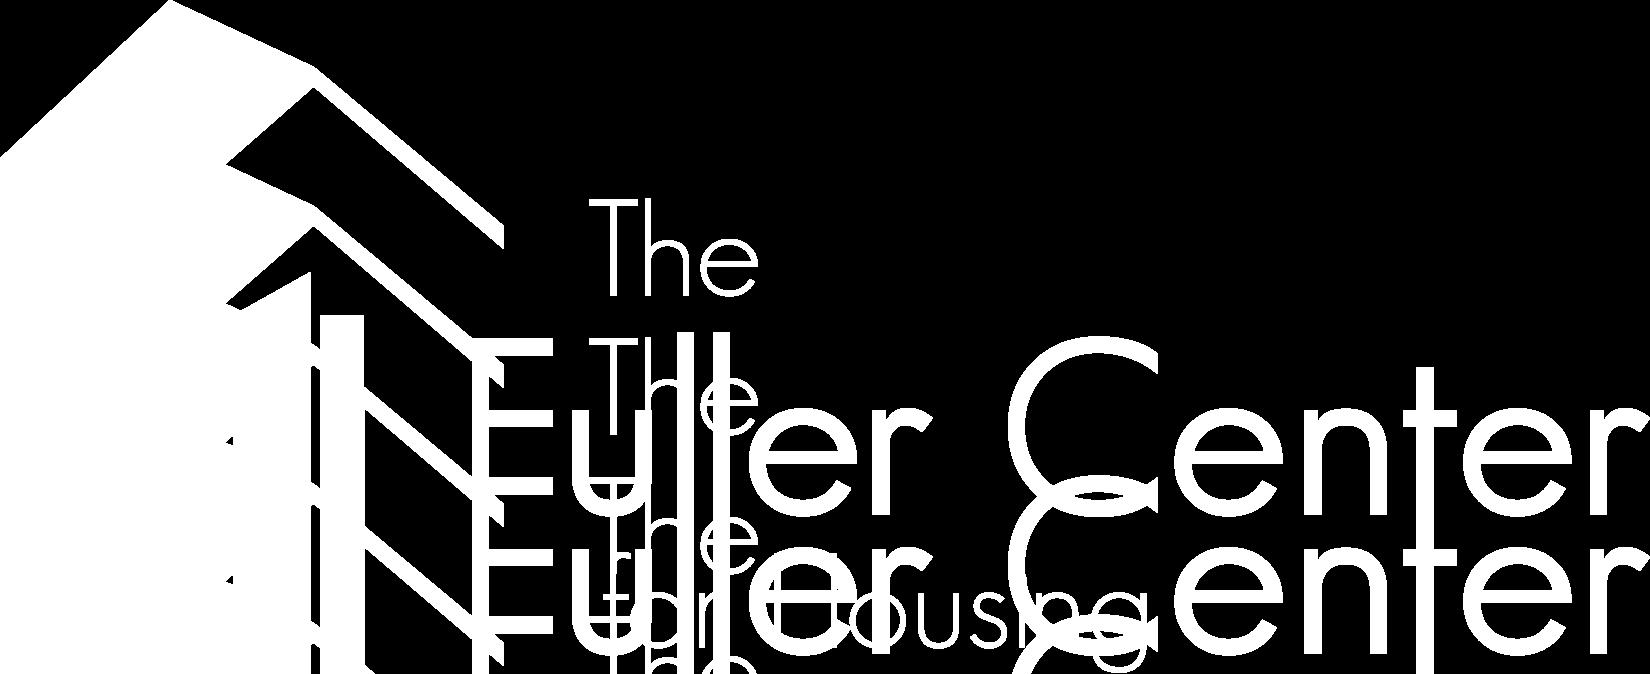 The Fuller Center for Housing